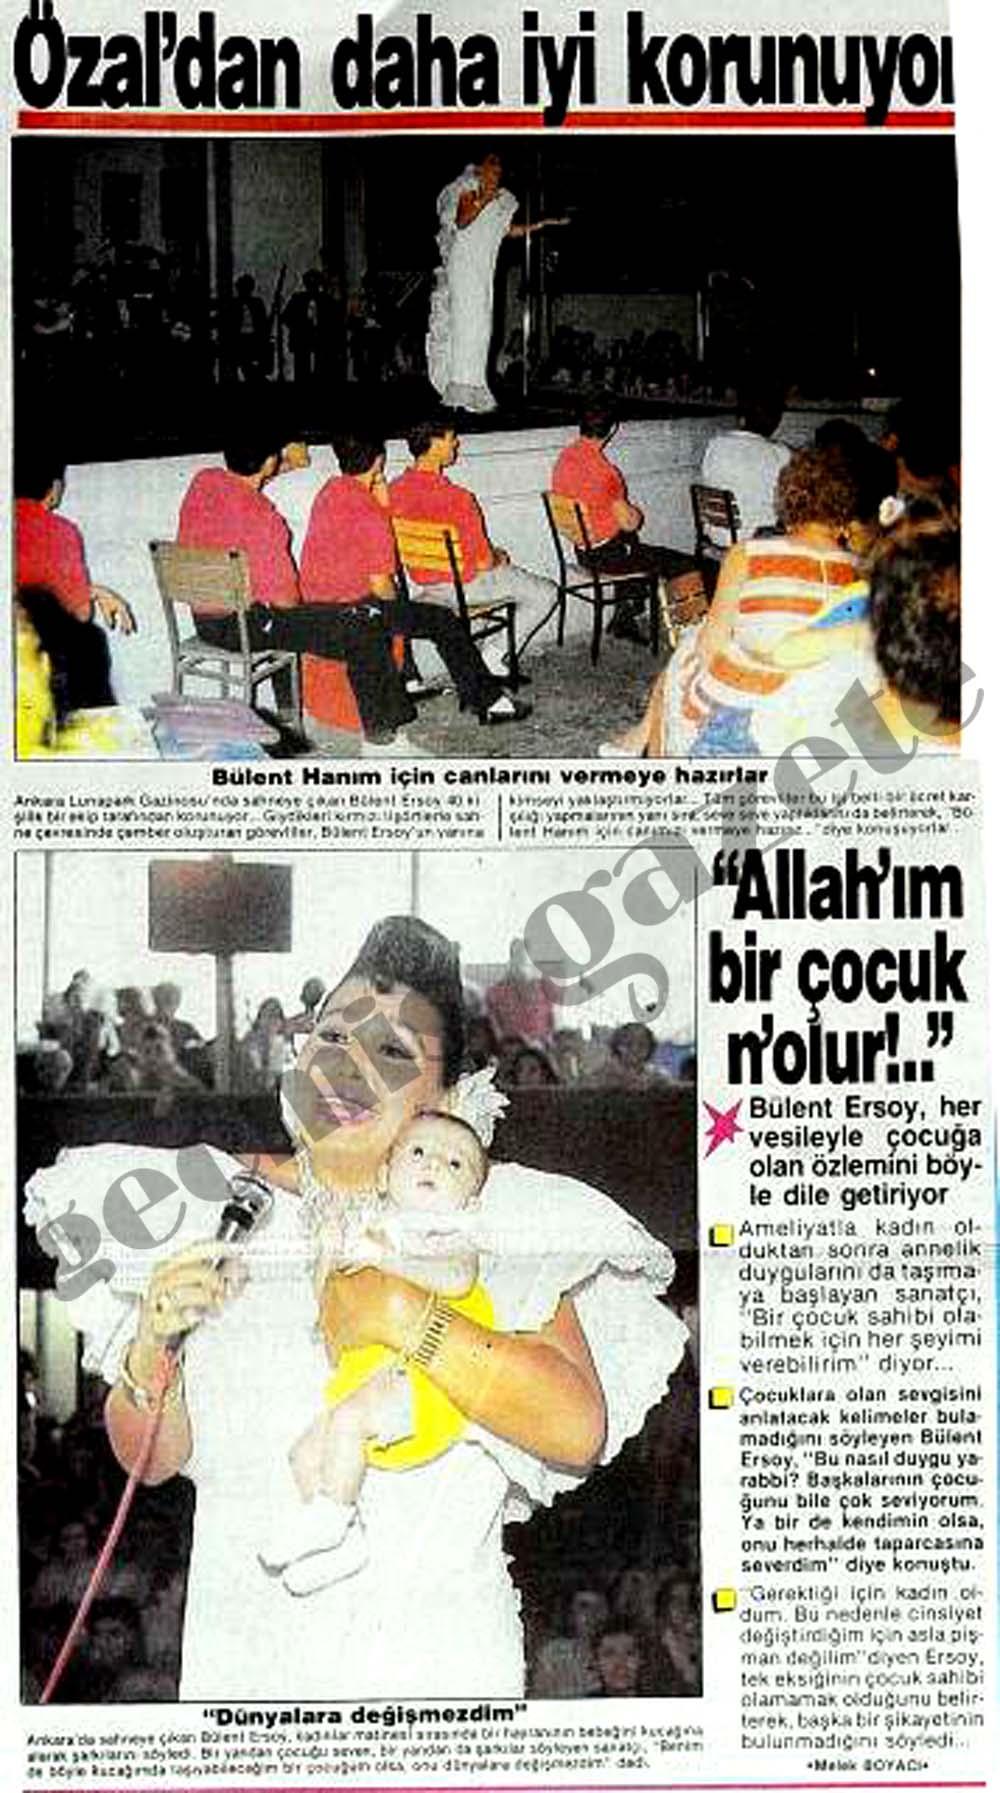 """""""Allah'ım bir çocuk n'olur!.."""""""